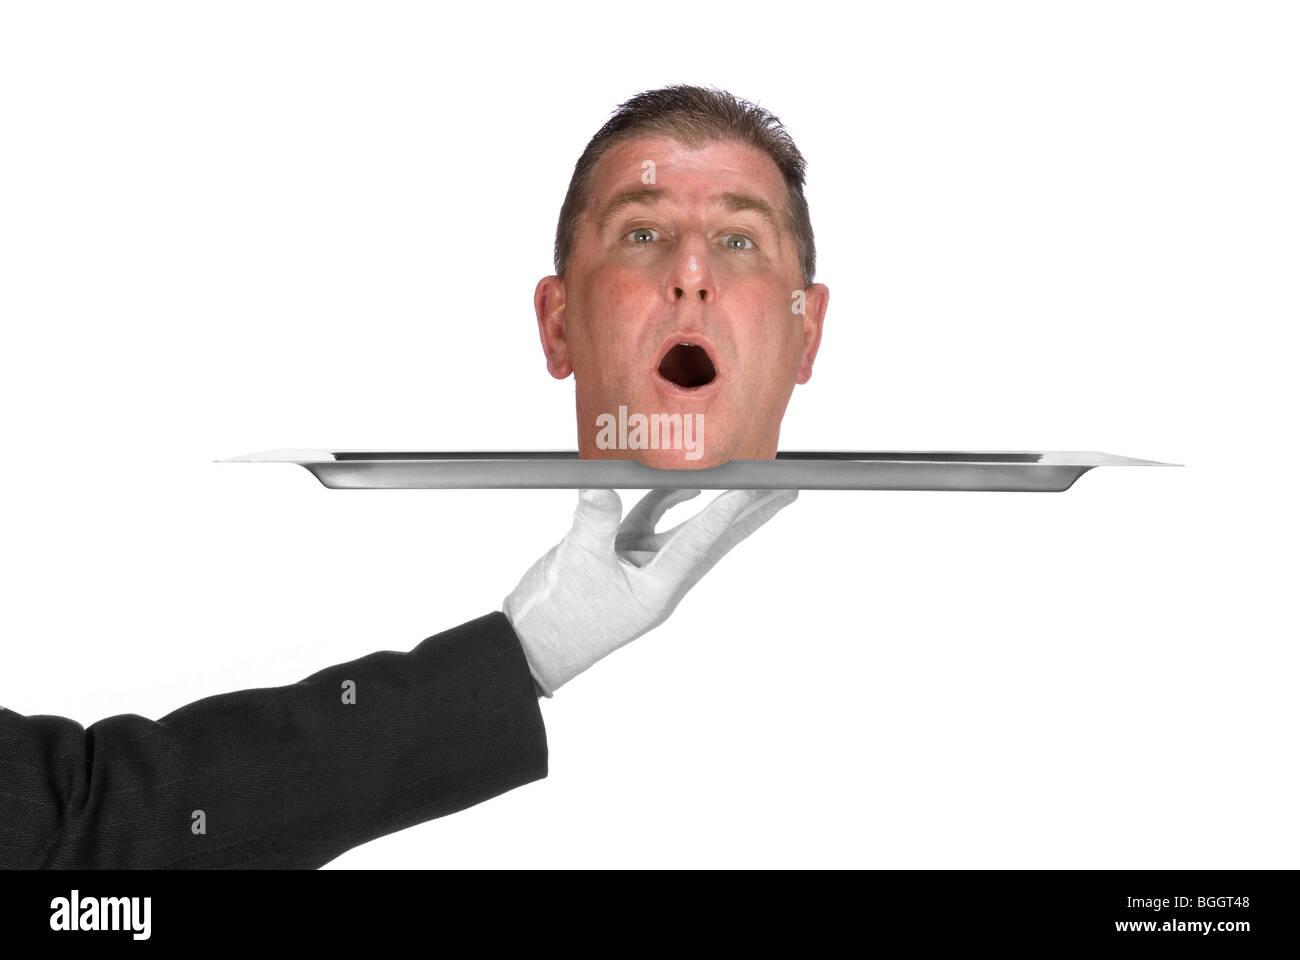 Un jefe se sirve en un plato por un camarero. Imagen fue baleado para utilizar como cualquier inferencia de problemas Imagen De Stock